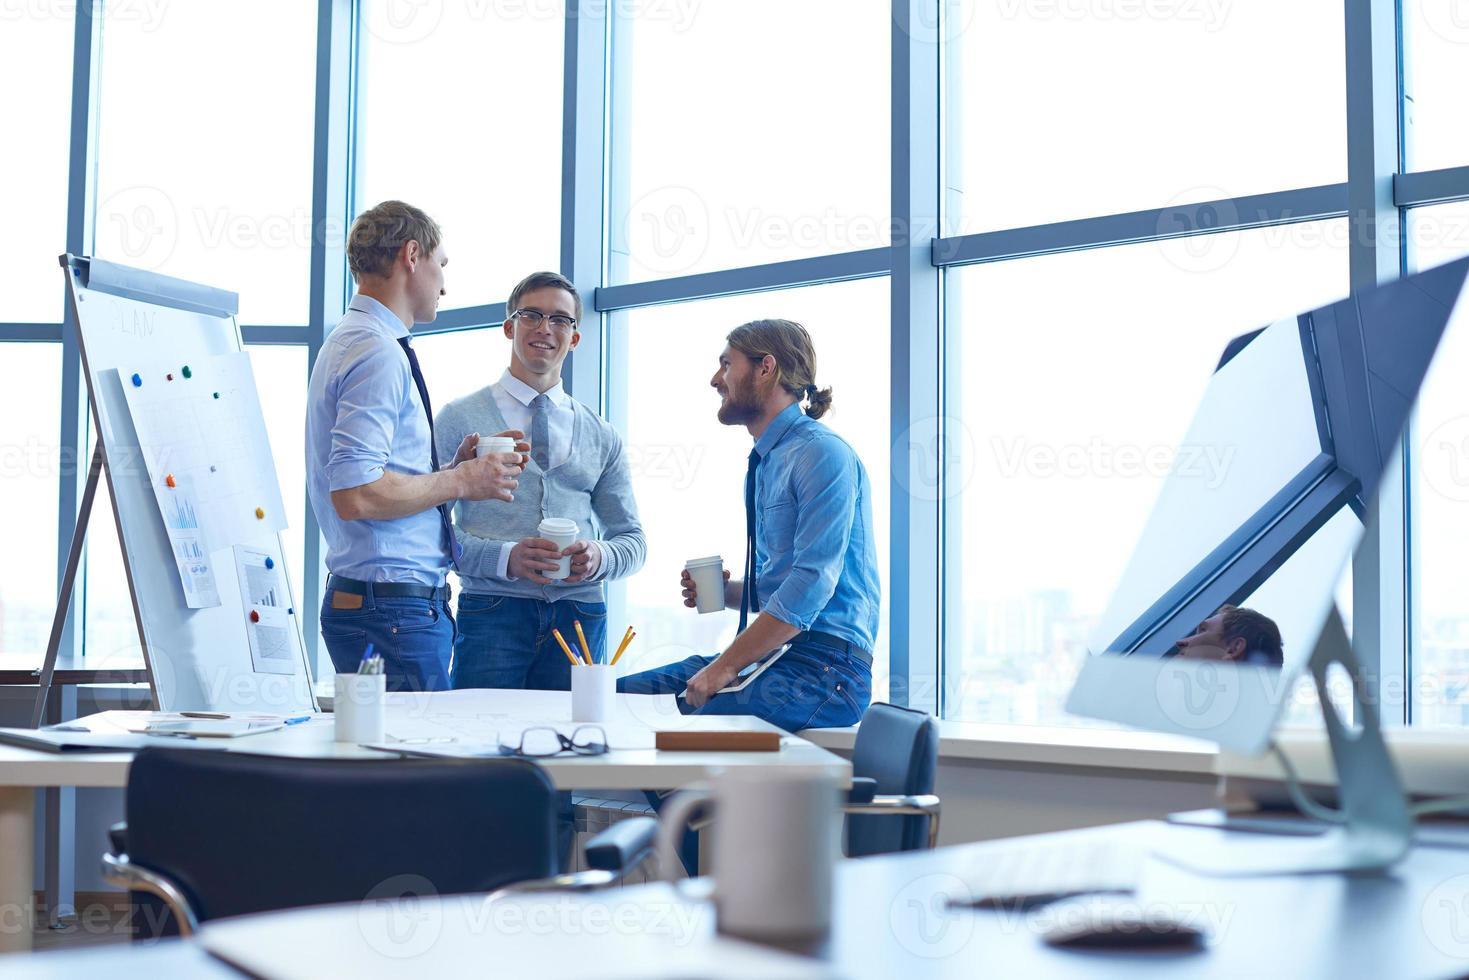 Businessmen consulting photo